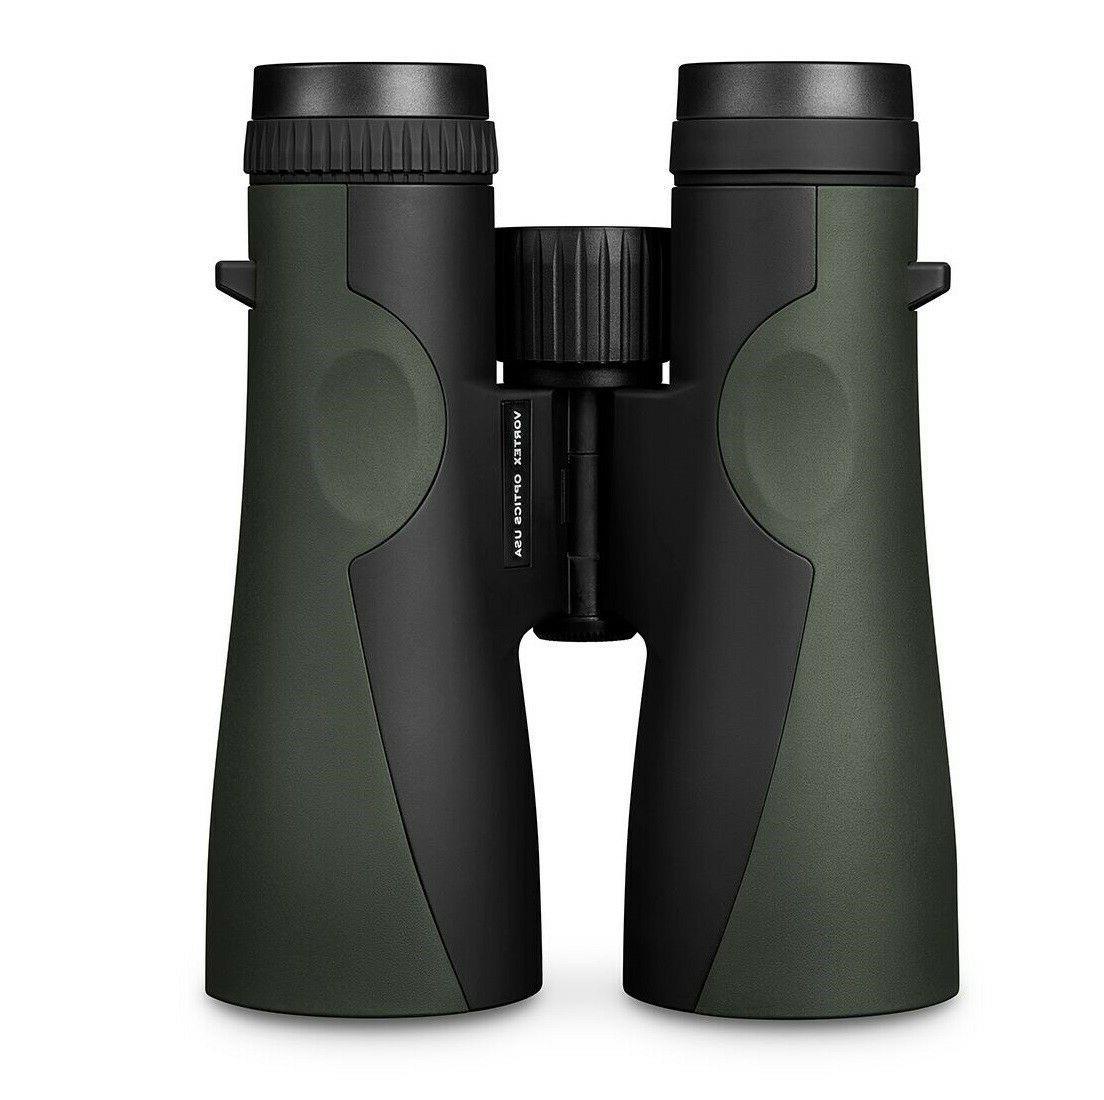 Vortex Crossfire Binoculars GlassPak